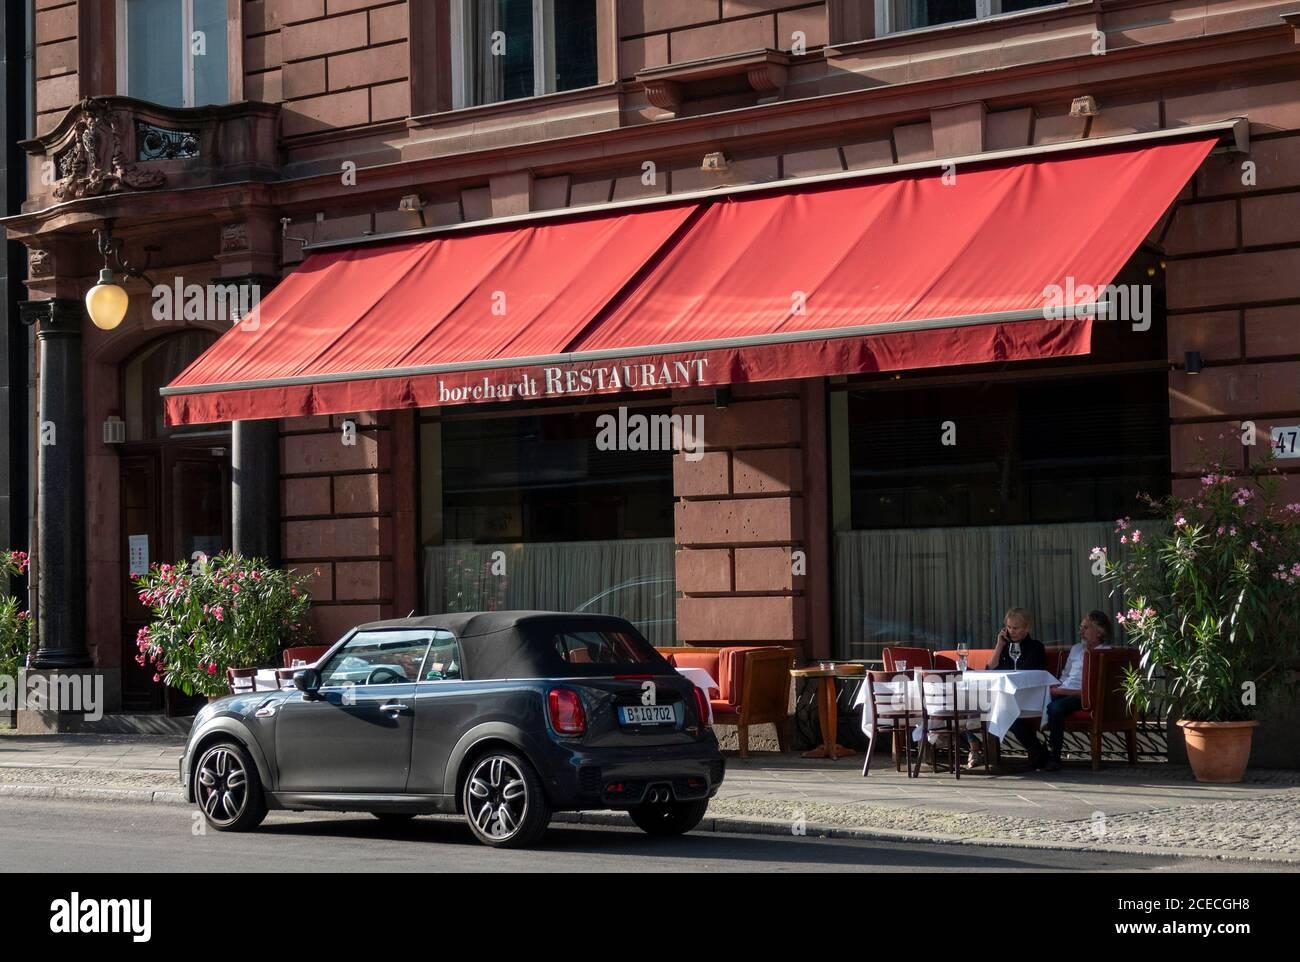 Foto Zeigt Borchardt Restaurant 68 Berlin Im Besitz Von Roland Mary Pittos Ehemann Von Brads Freundin Nicole Poturalski Bild Von Gavin Rodge Stockfotografie Alamy